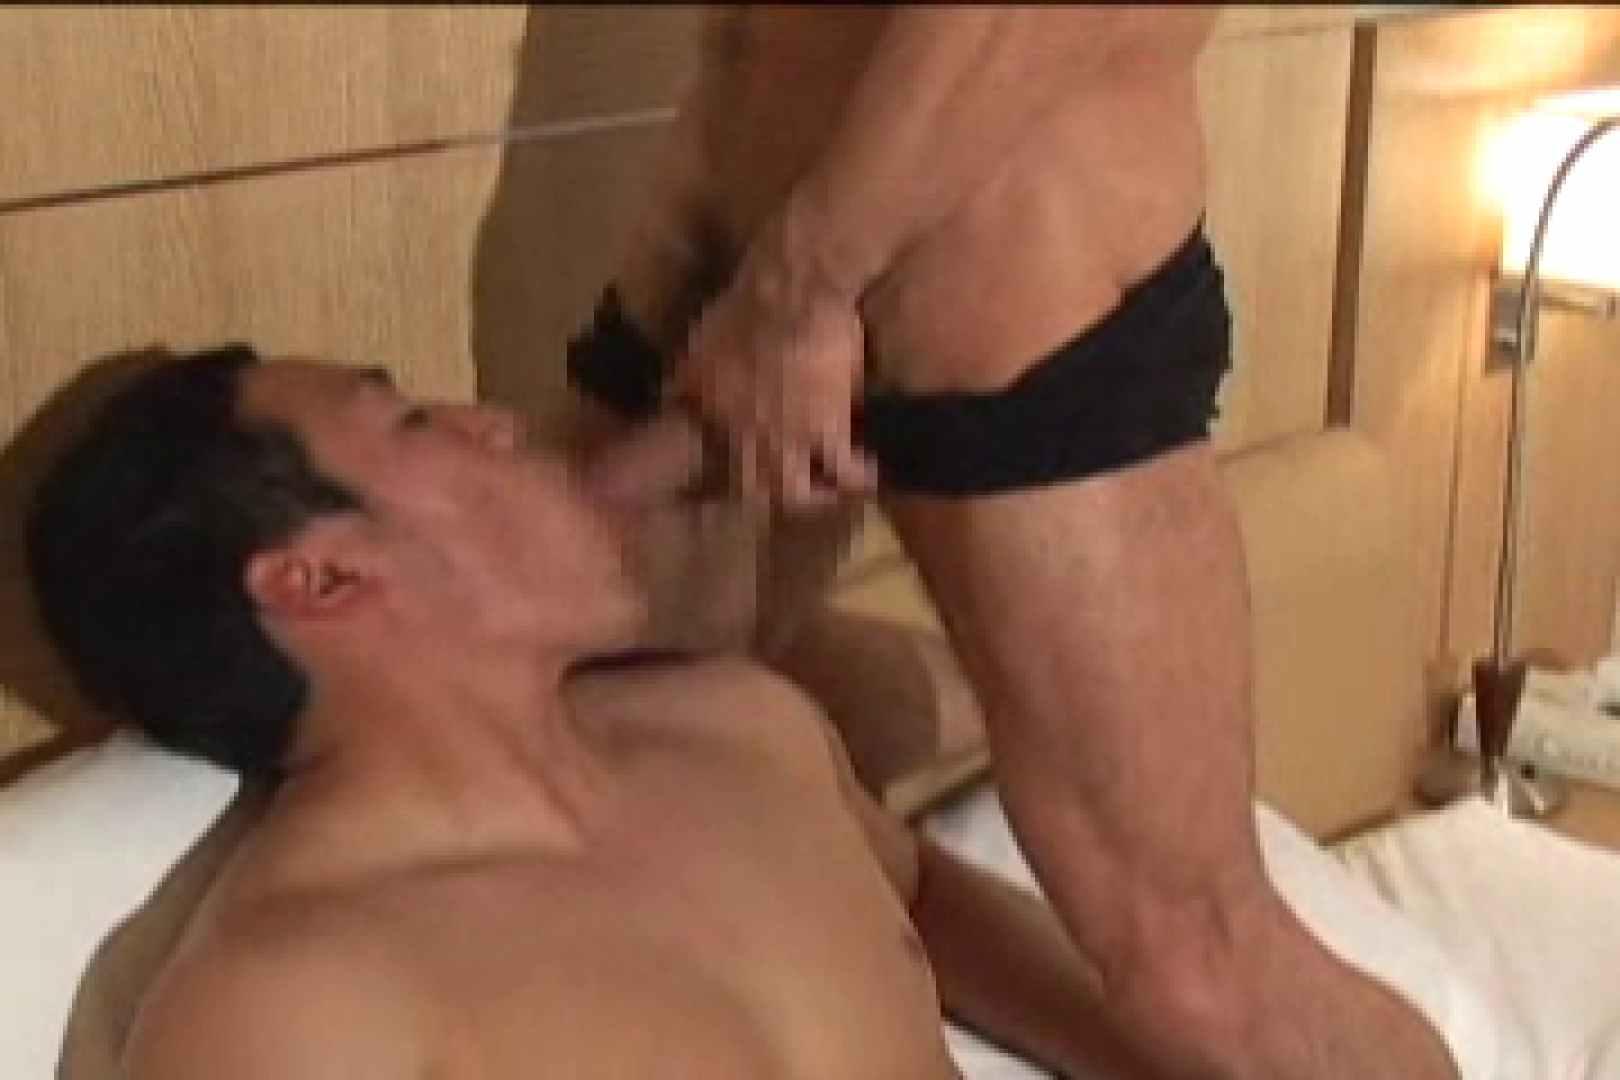 スポMENファック!!反り勃つ男根!!vol.6 スポーツマン ゲイ流出動画キャプチャ 109画像 38